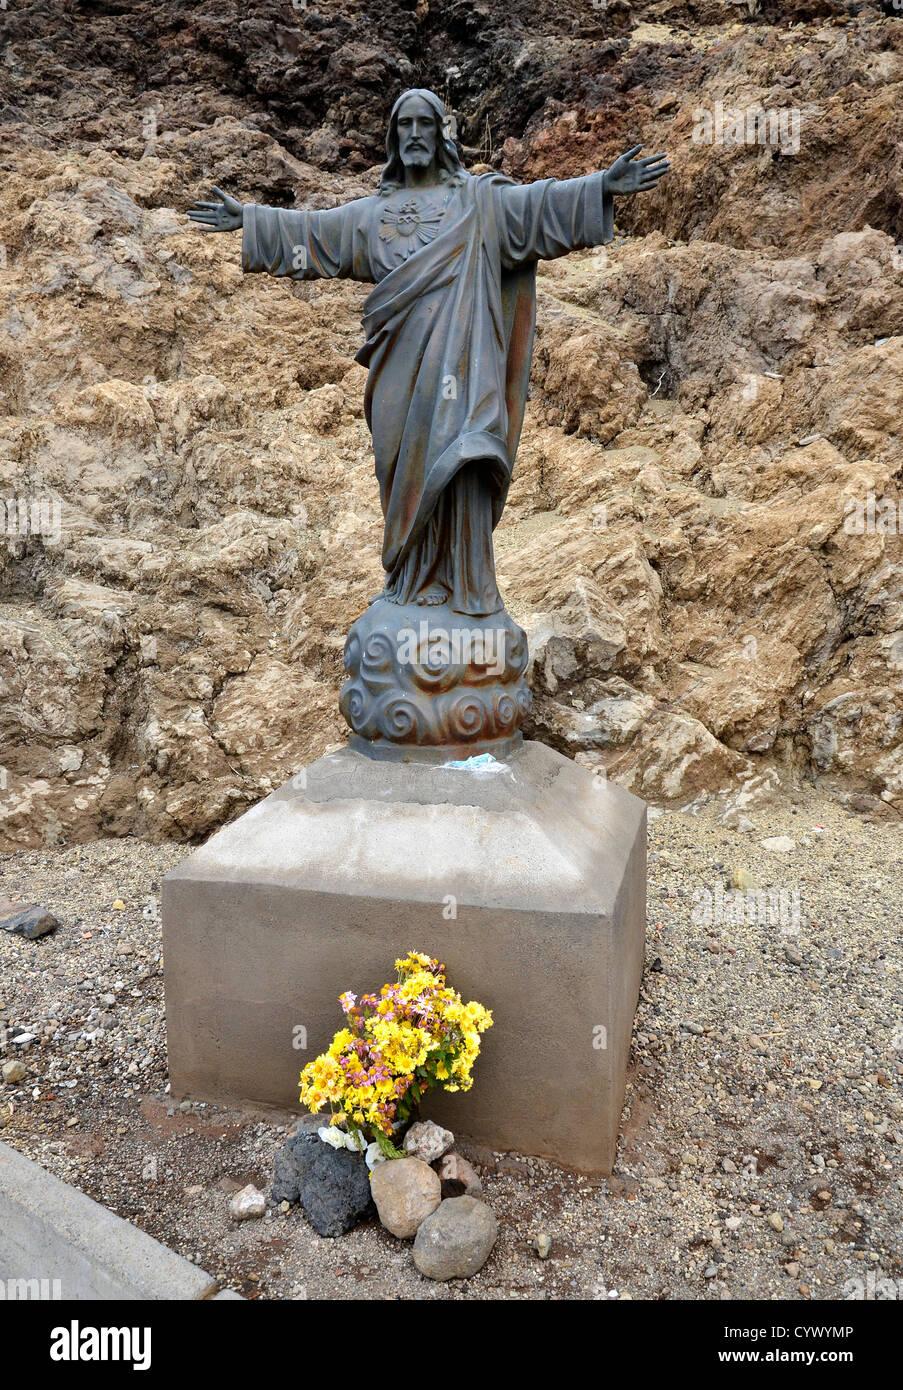 Eine Statue von Jesus Christus nahe dem Gipfel des Mount Teide, Teneriffa, Kanarische Inseln Stockbild